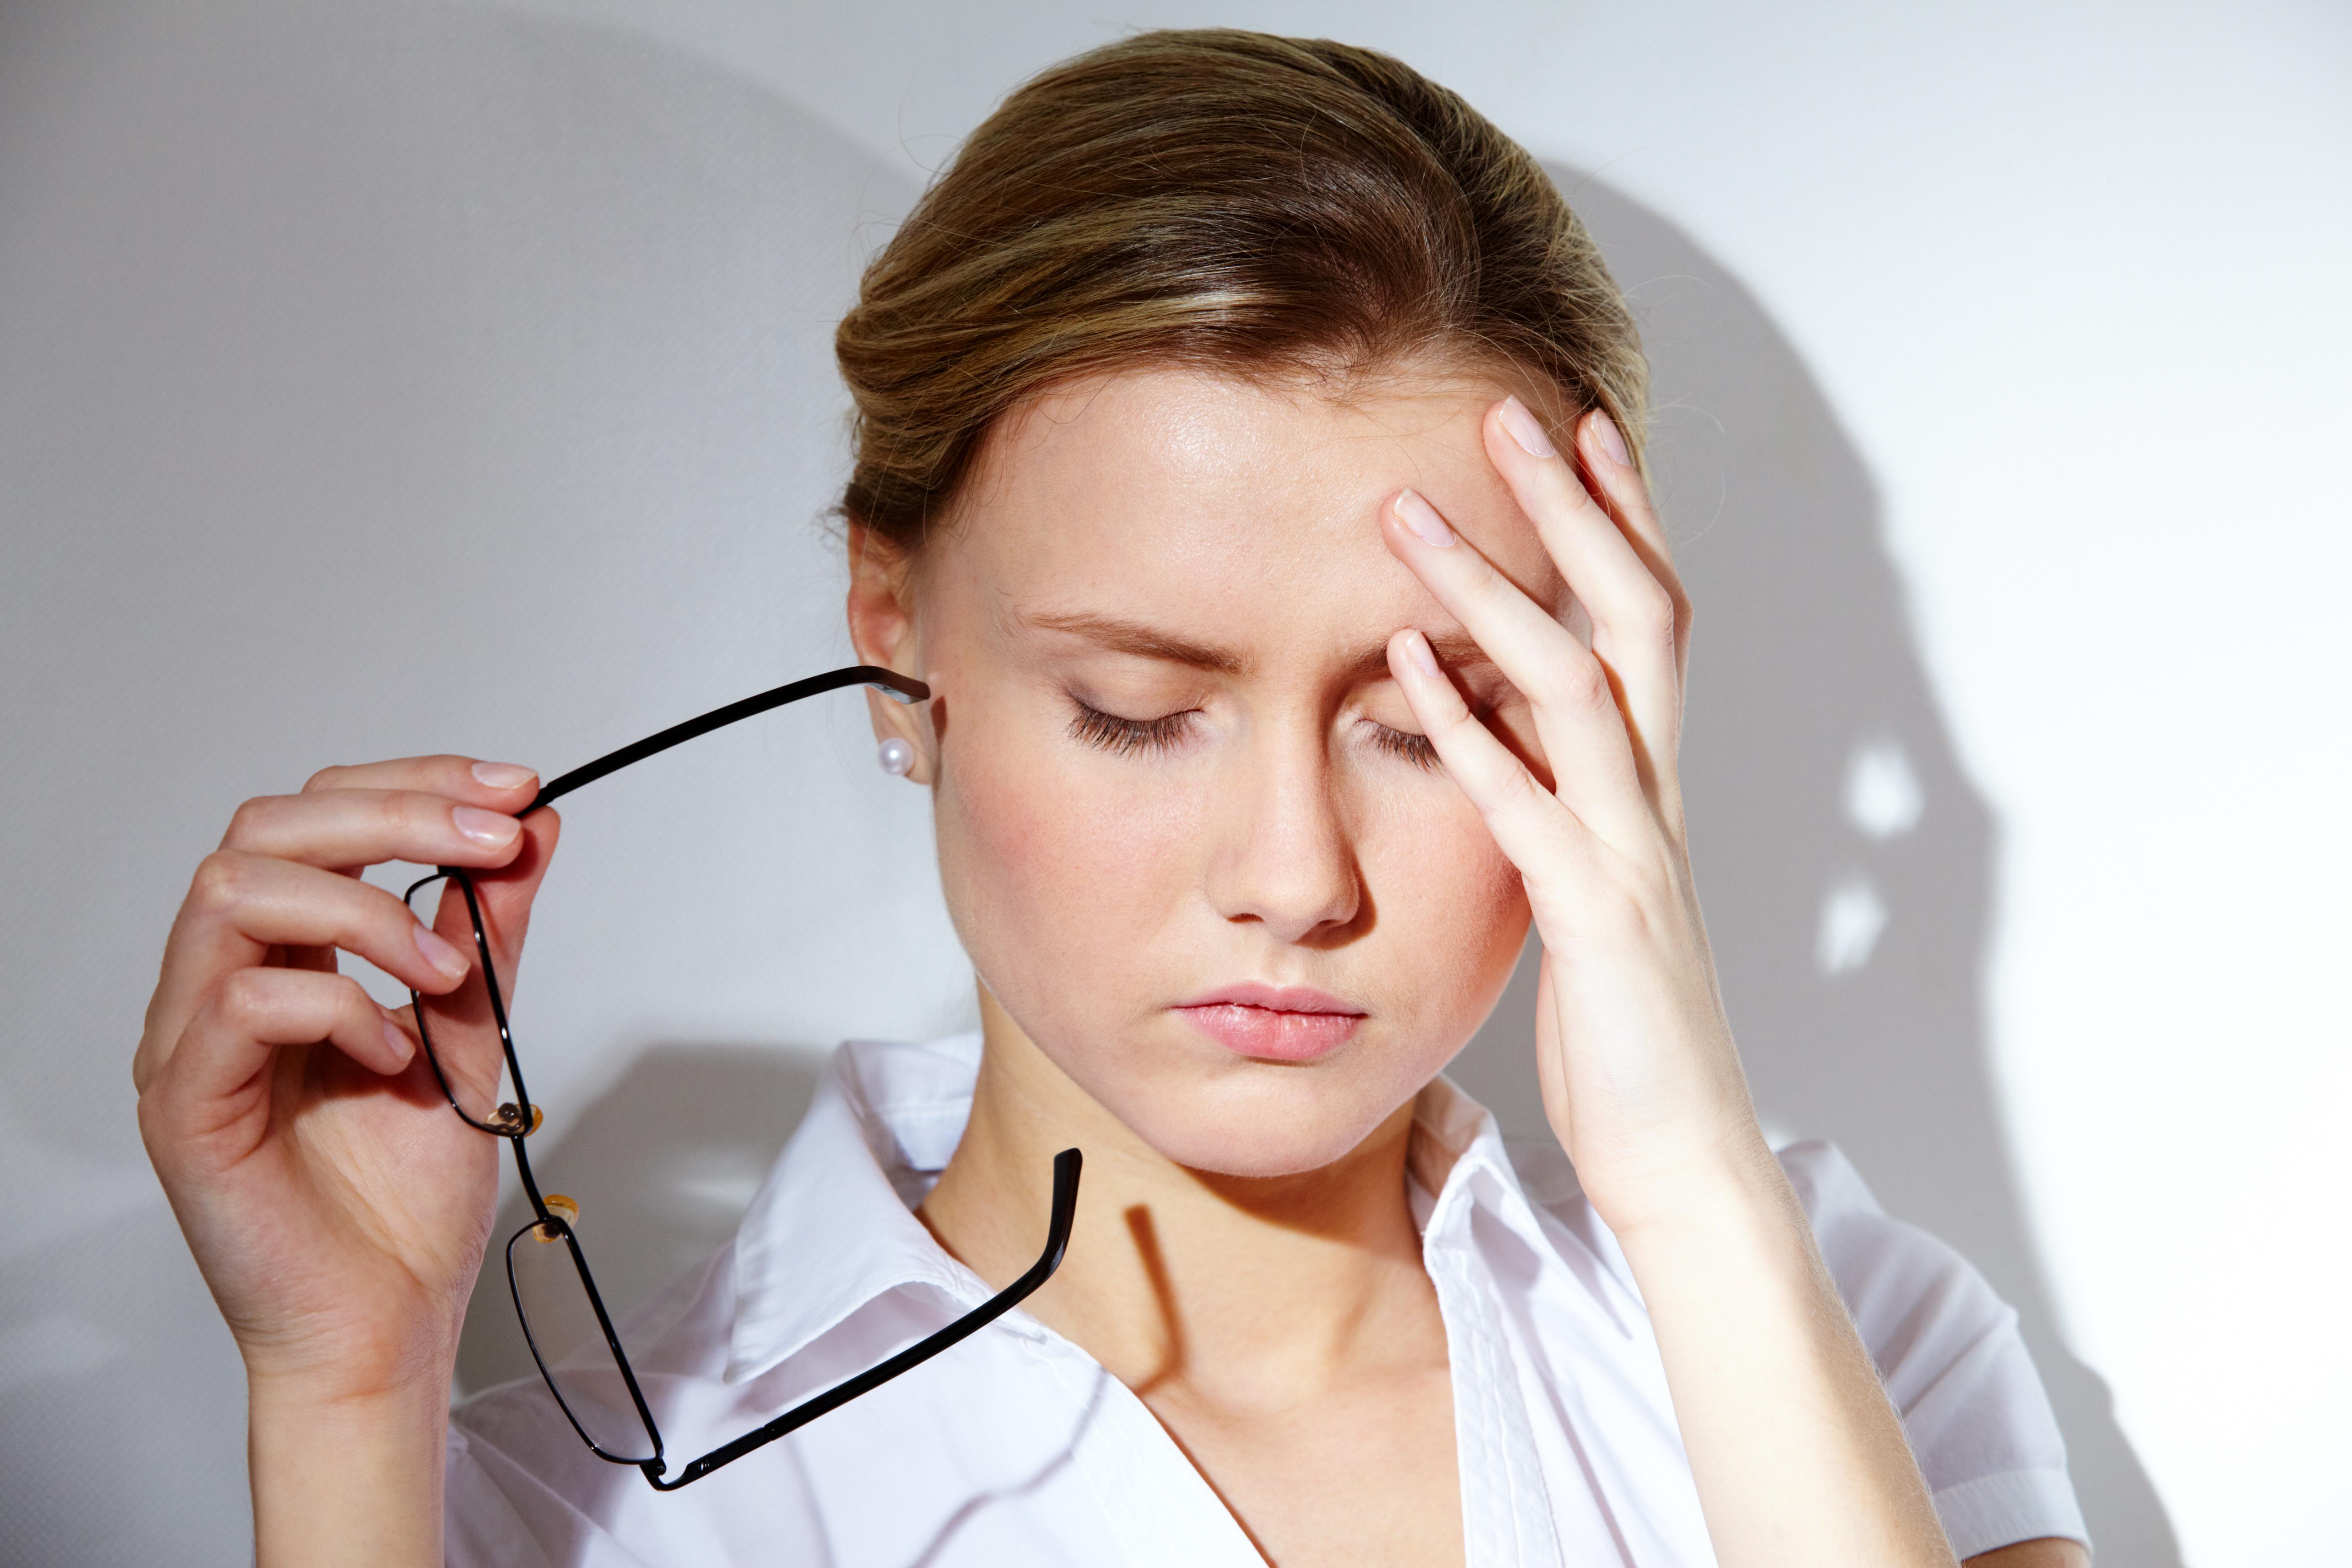 Trình Dược viên liệt kê dấu hiệu thiếu sắt ở phụ nữ